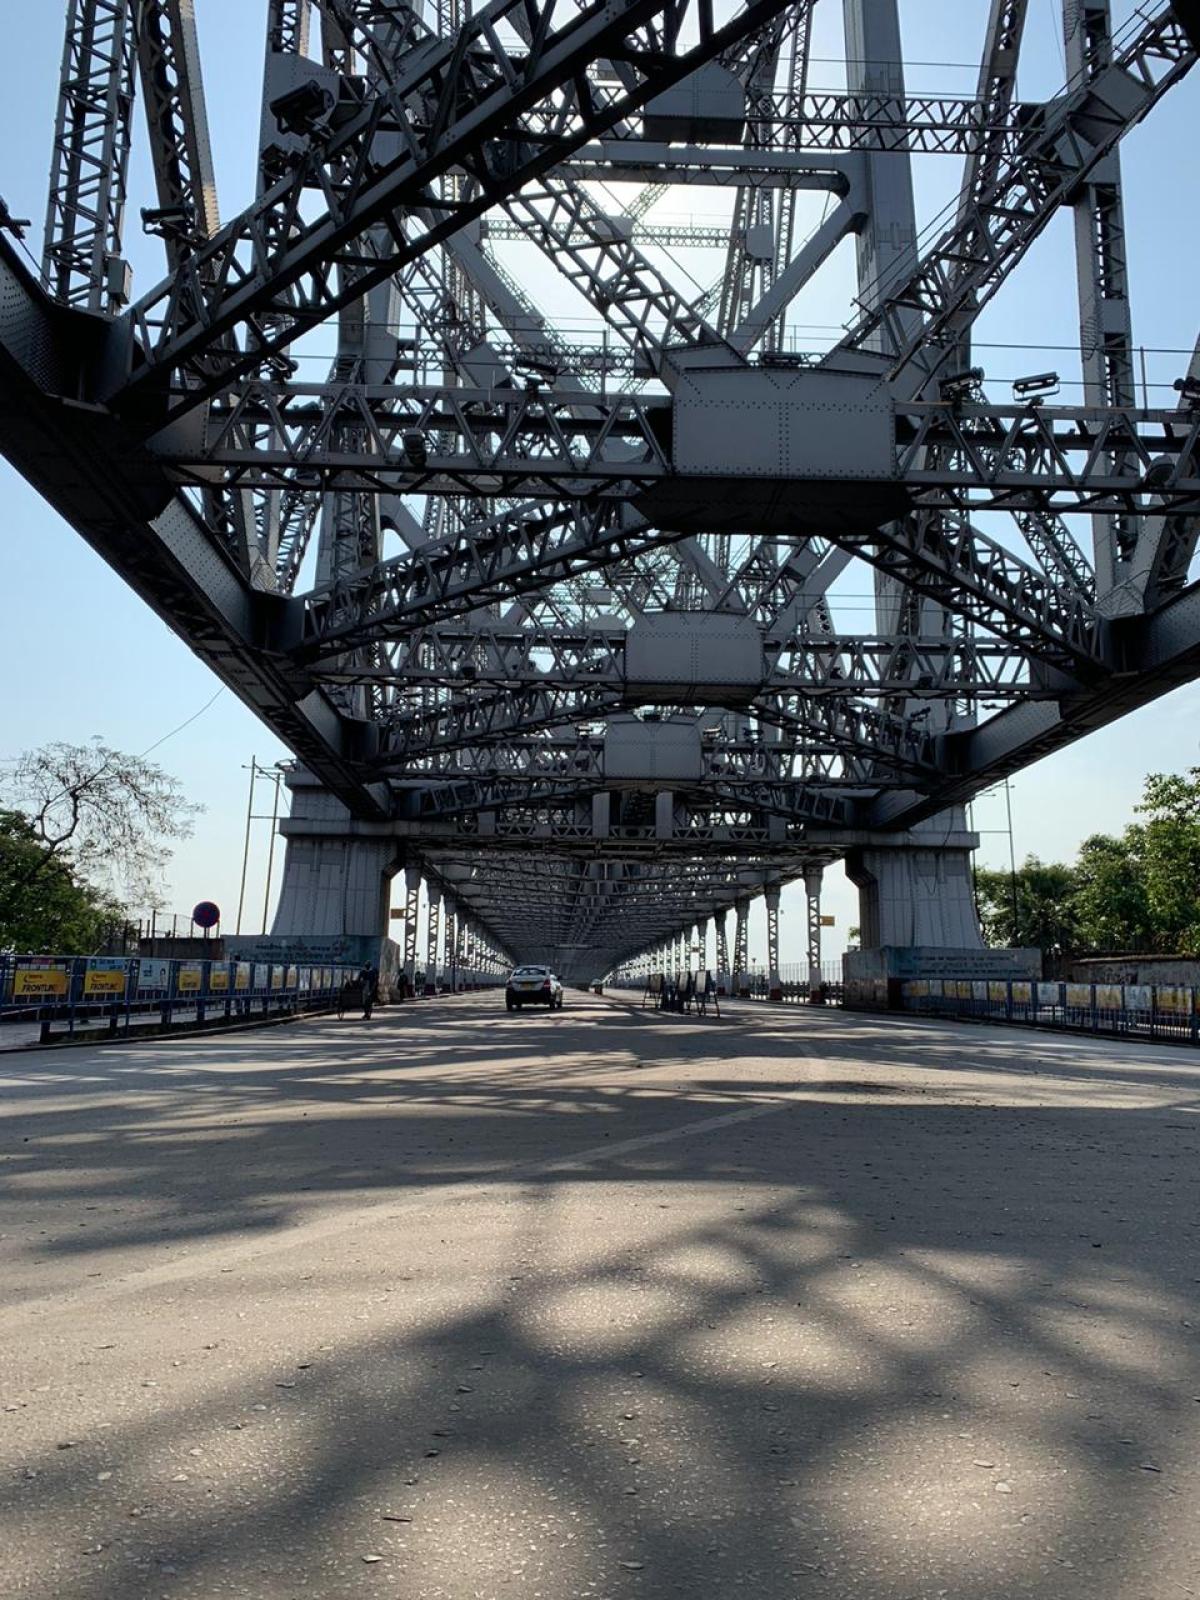 Visuals from Howrah bridge in Kolkata